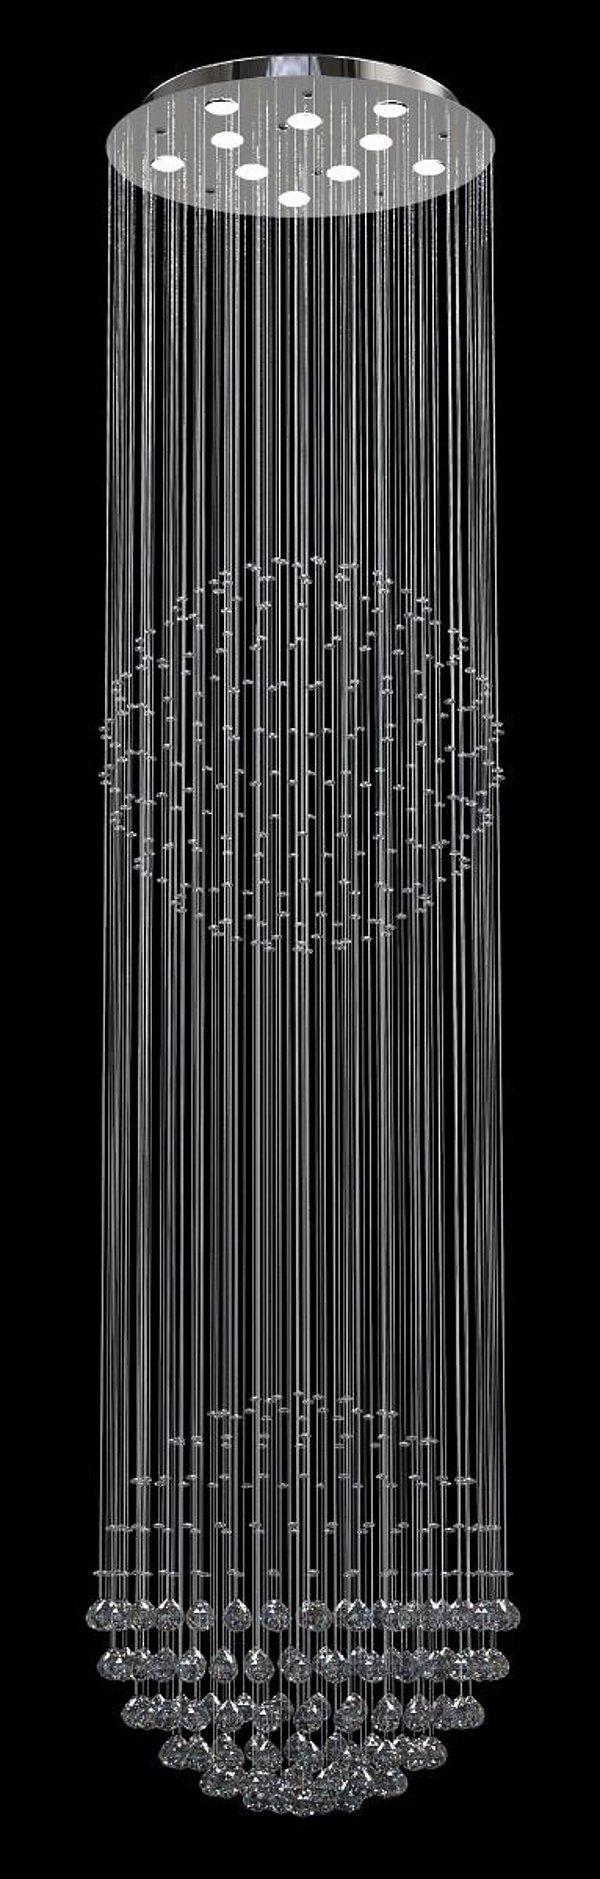 Lustre Redondo Inox Espelhado 2 Globos Cristal Transparente 8 Lâmpadas Ø42 New Design Gu10 G2/40 Salas e Hall